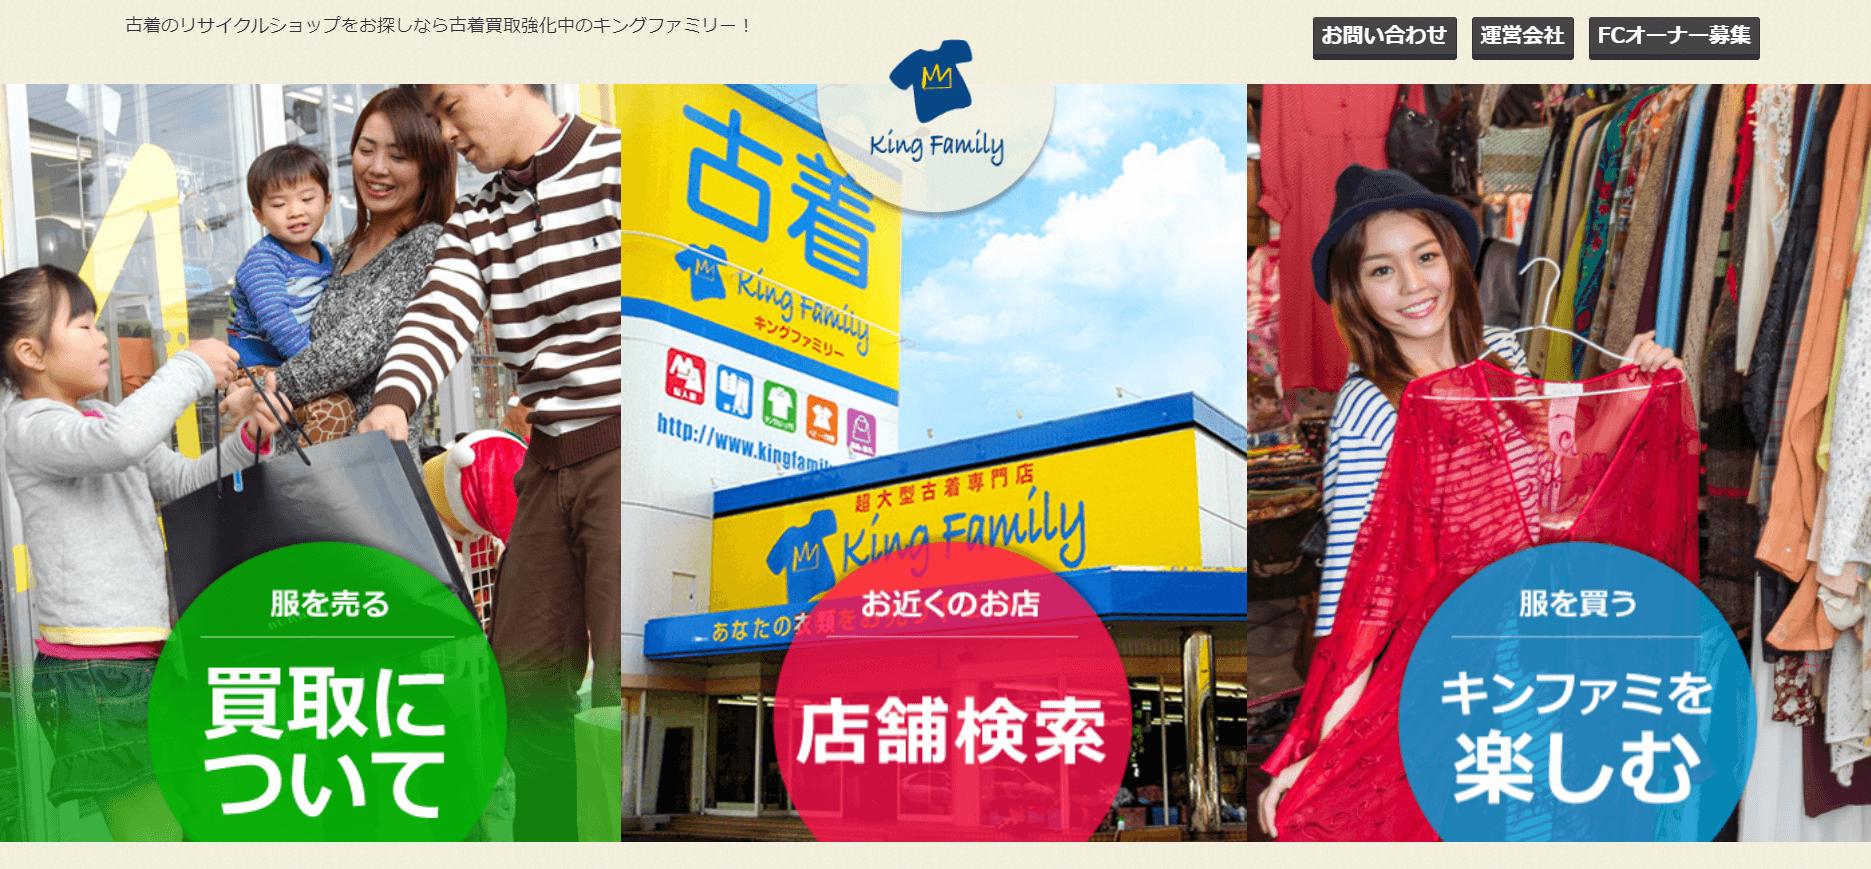 キングファミリー 蕨店